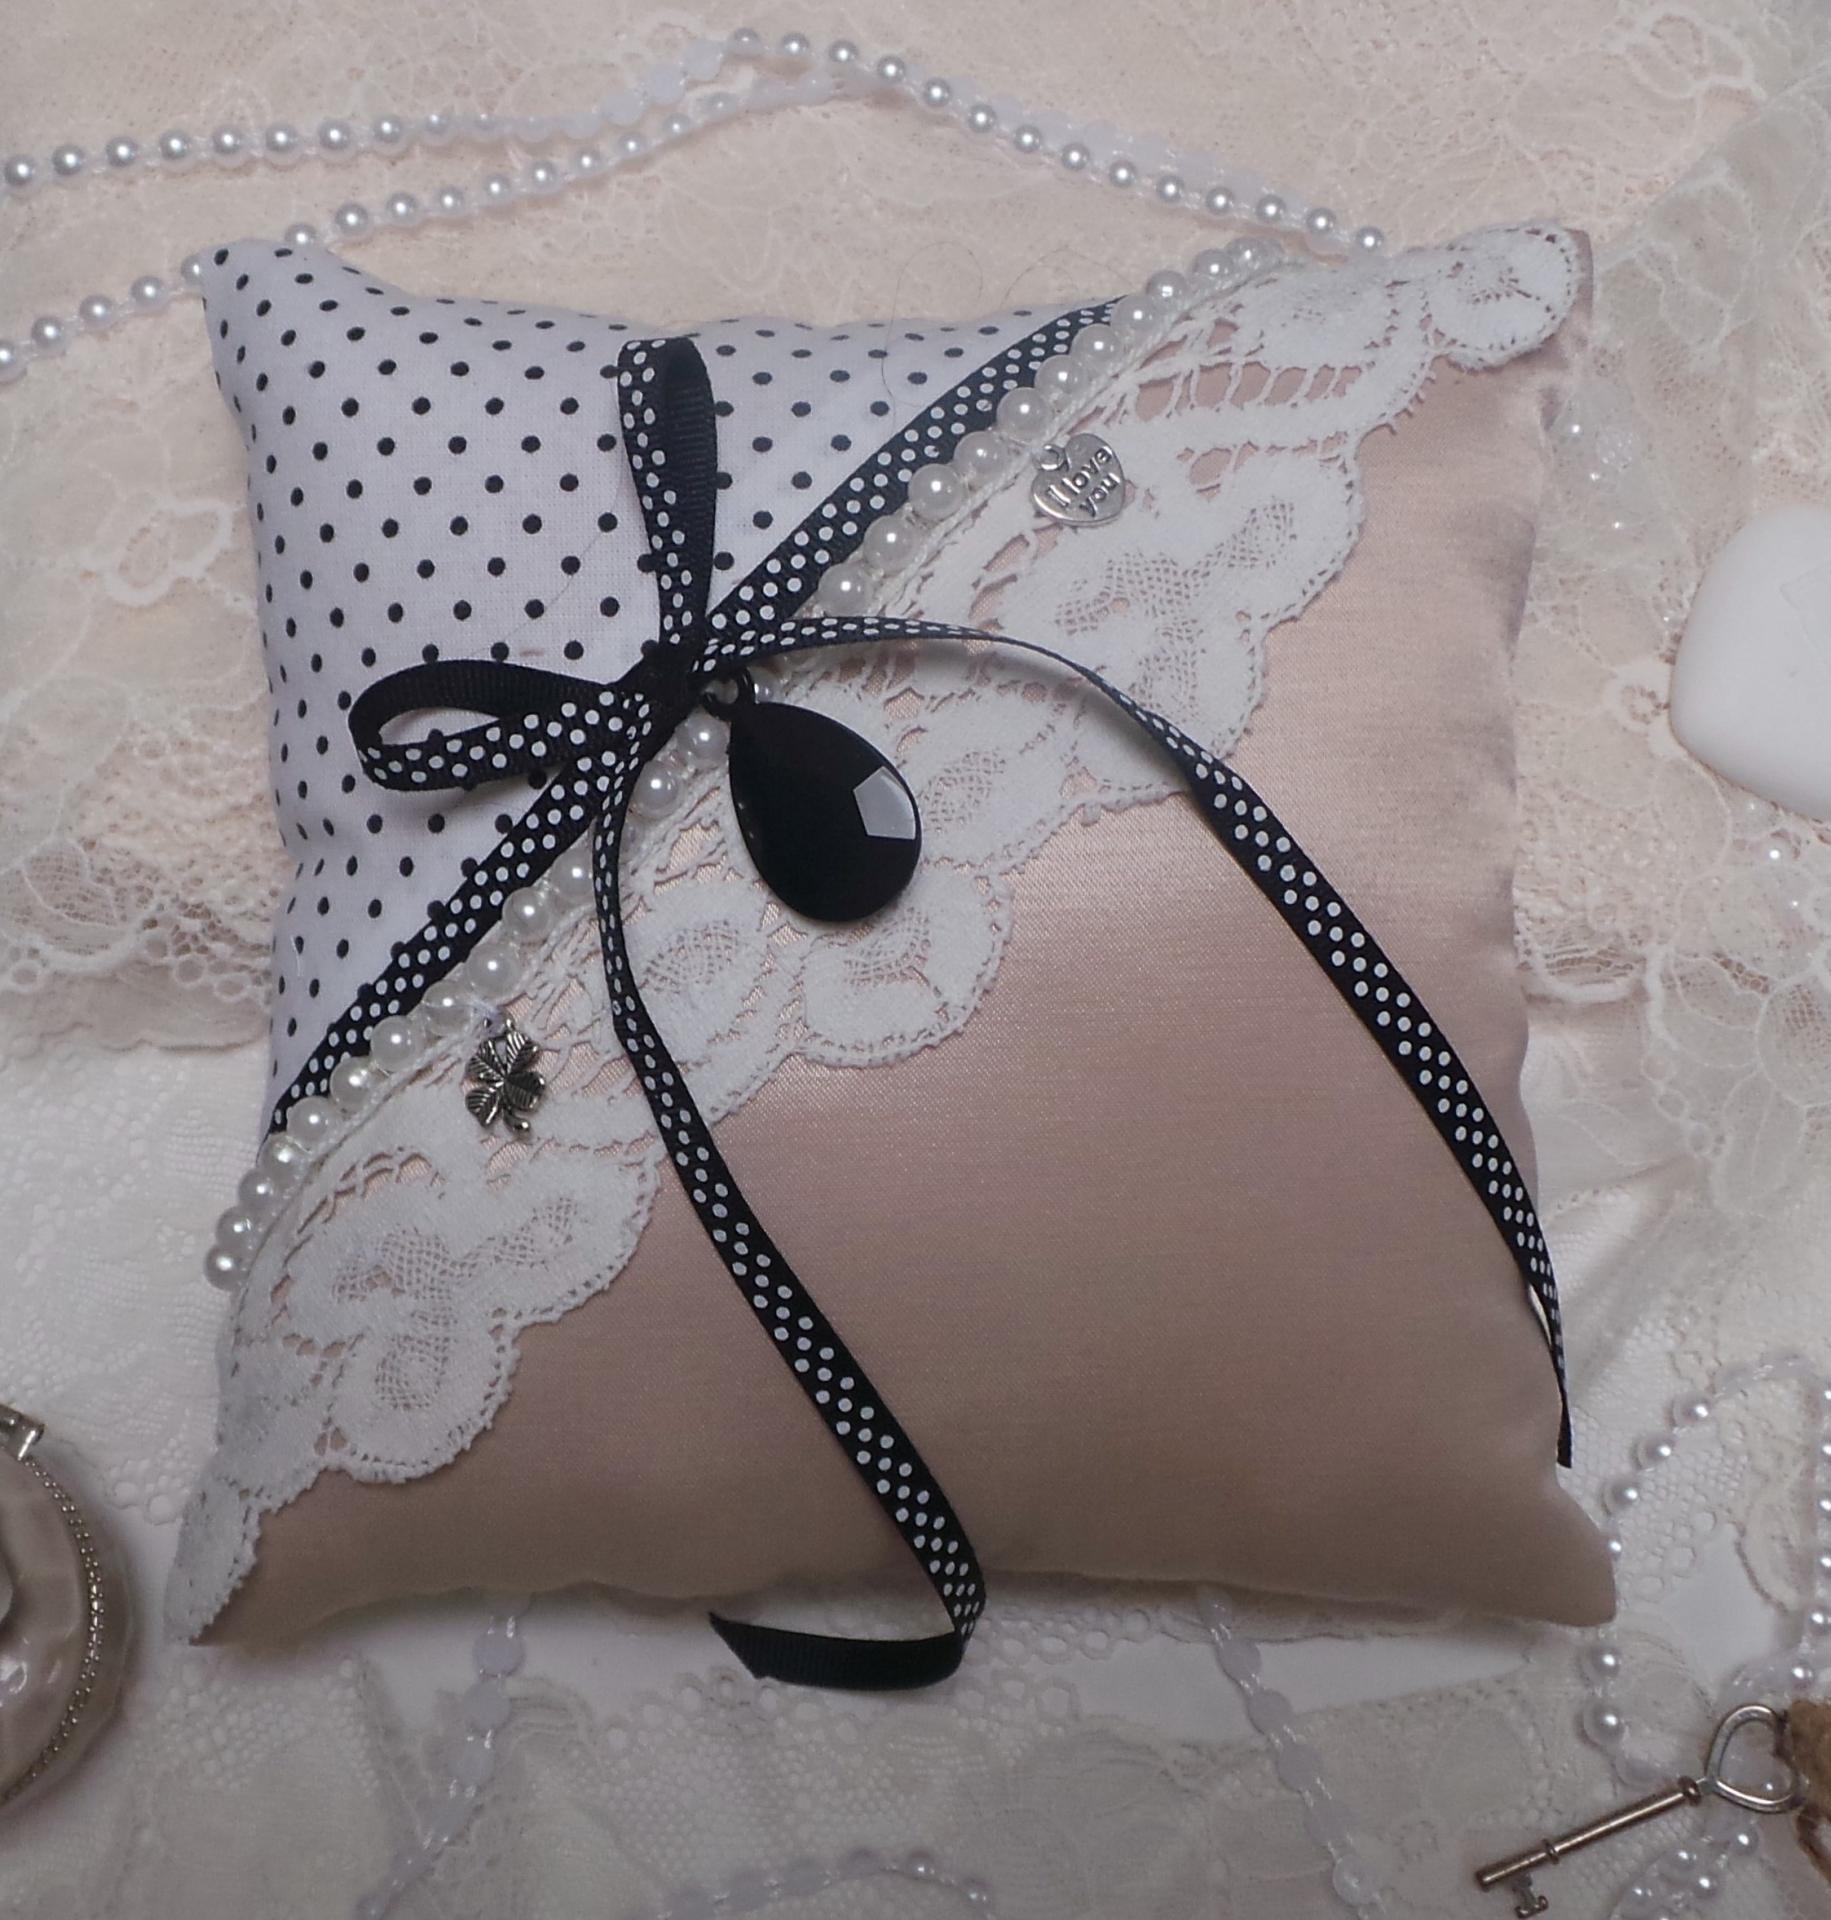 Coussin mariage vieux rose noir boudoir romantique vintage 1 2